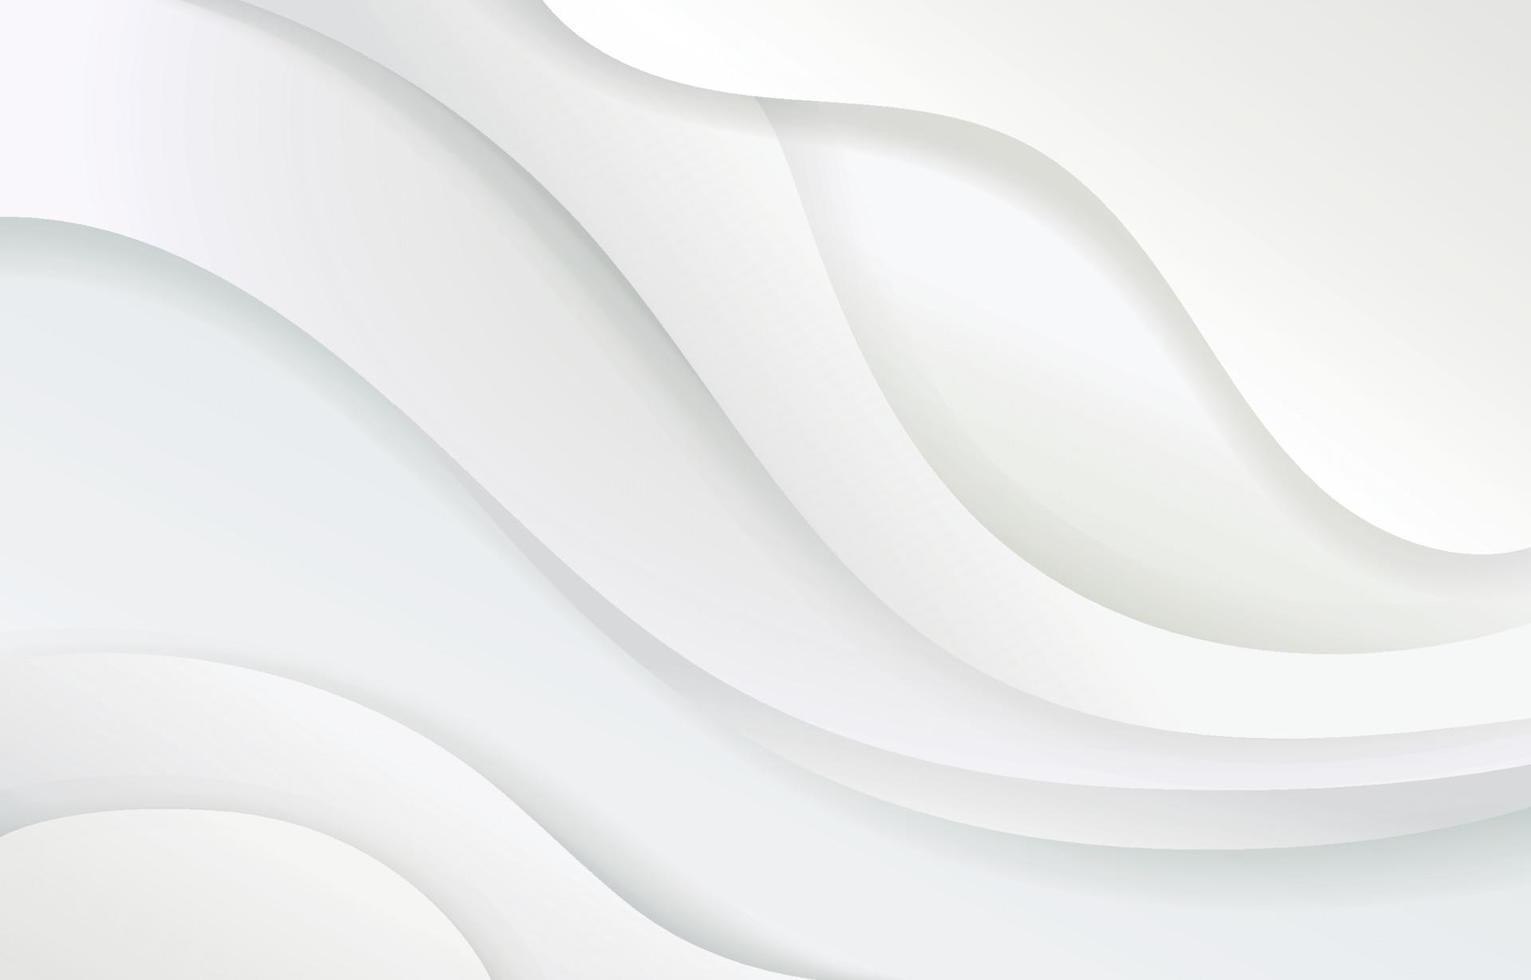 fond abstrait de couleur blanche et grise vecteur